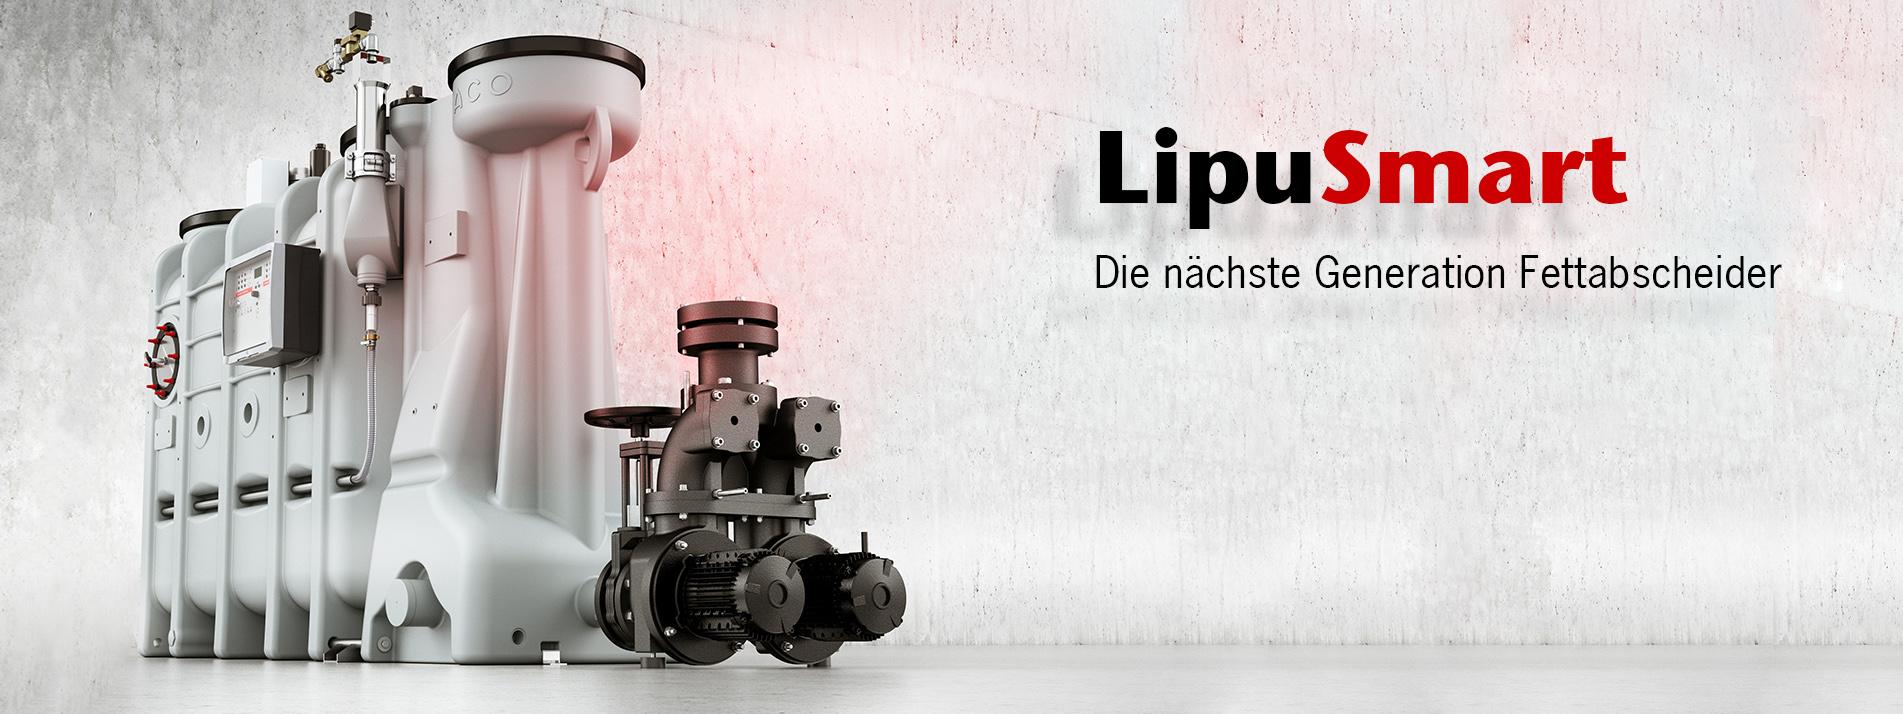 Beste Drahtseilausfall Tod Ideen - Elektrische Schaltplan-Ideen ...